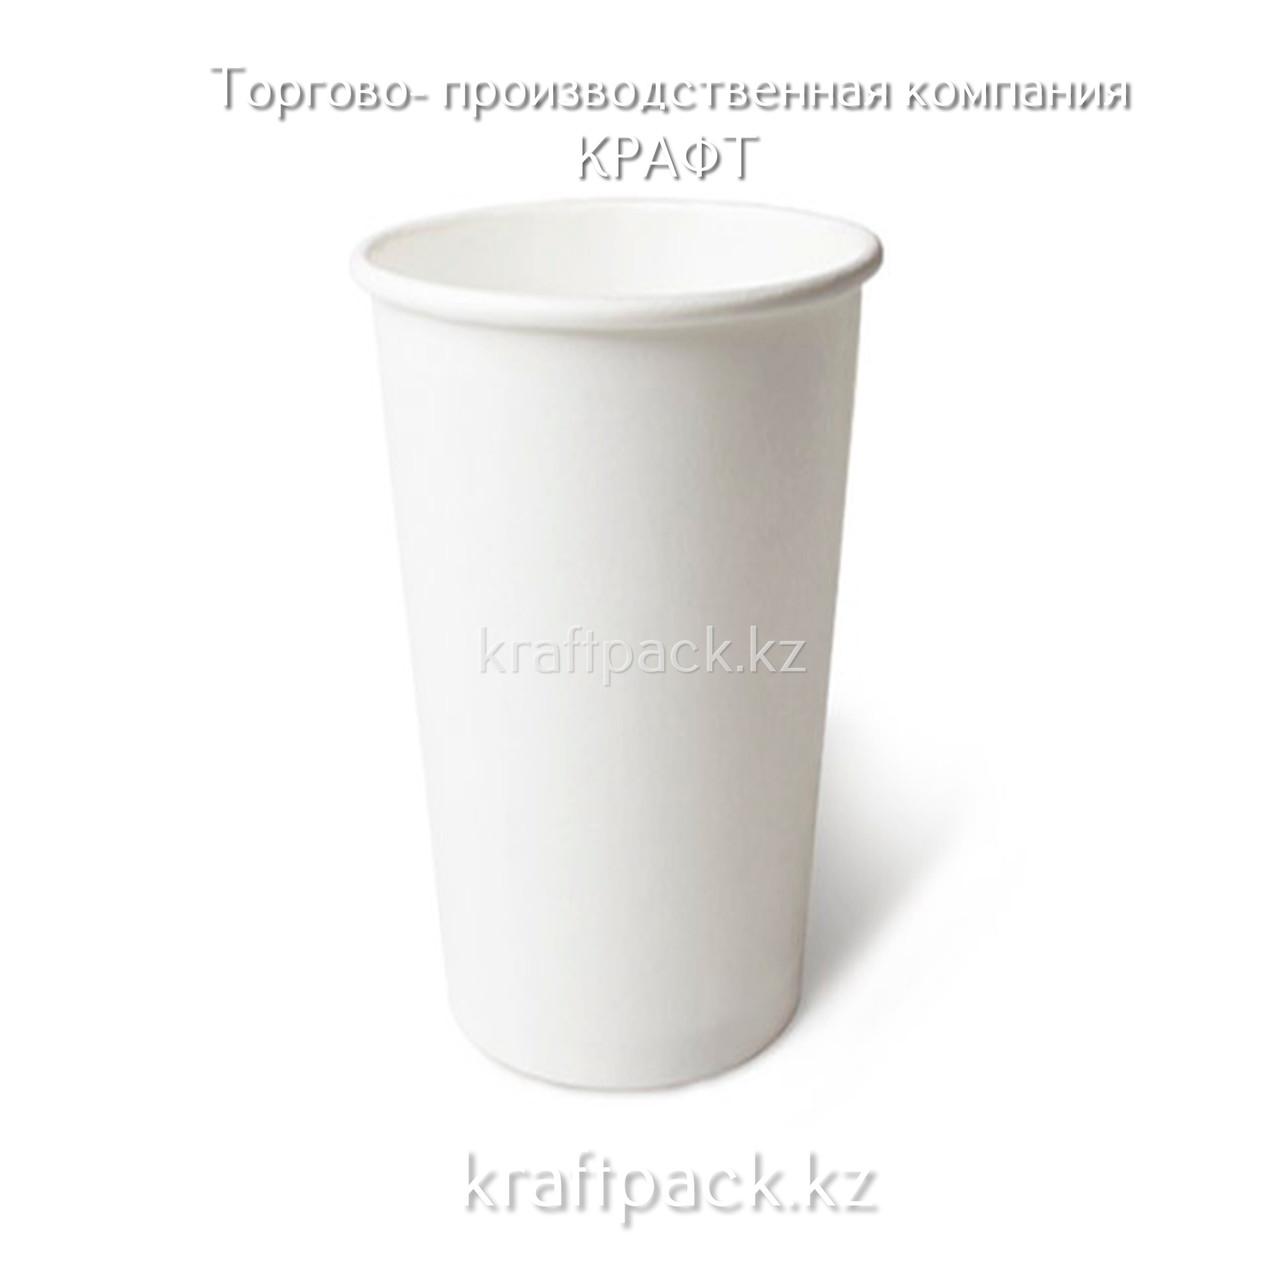 Бумажный стакан БЕЛЫЙ для горячих/холодных напитков 500мл (20 OZ) (50/1000)